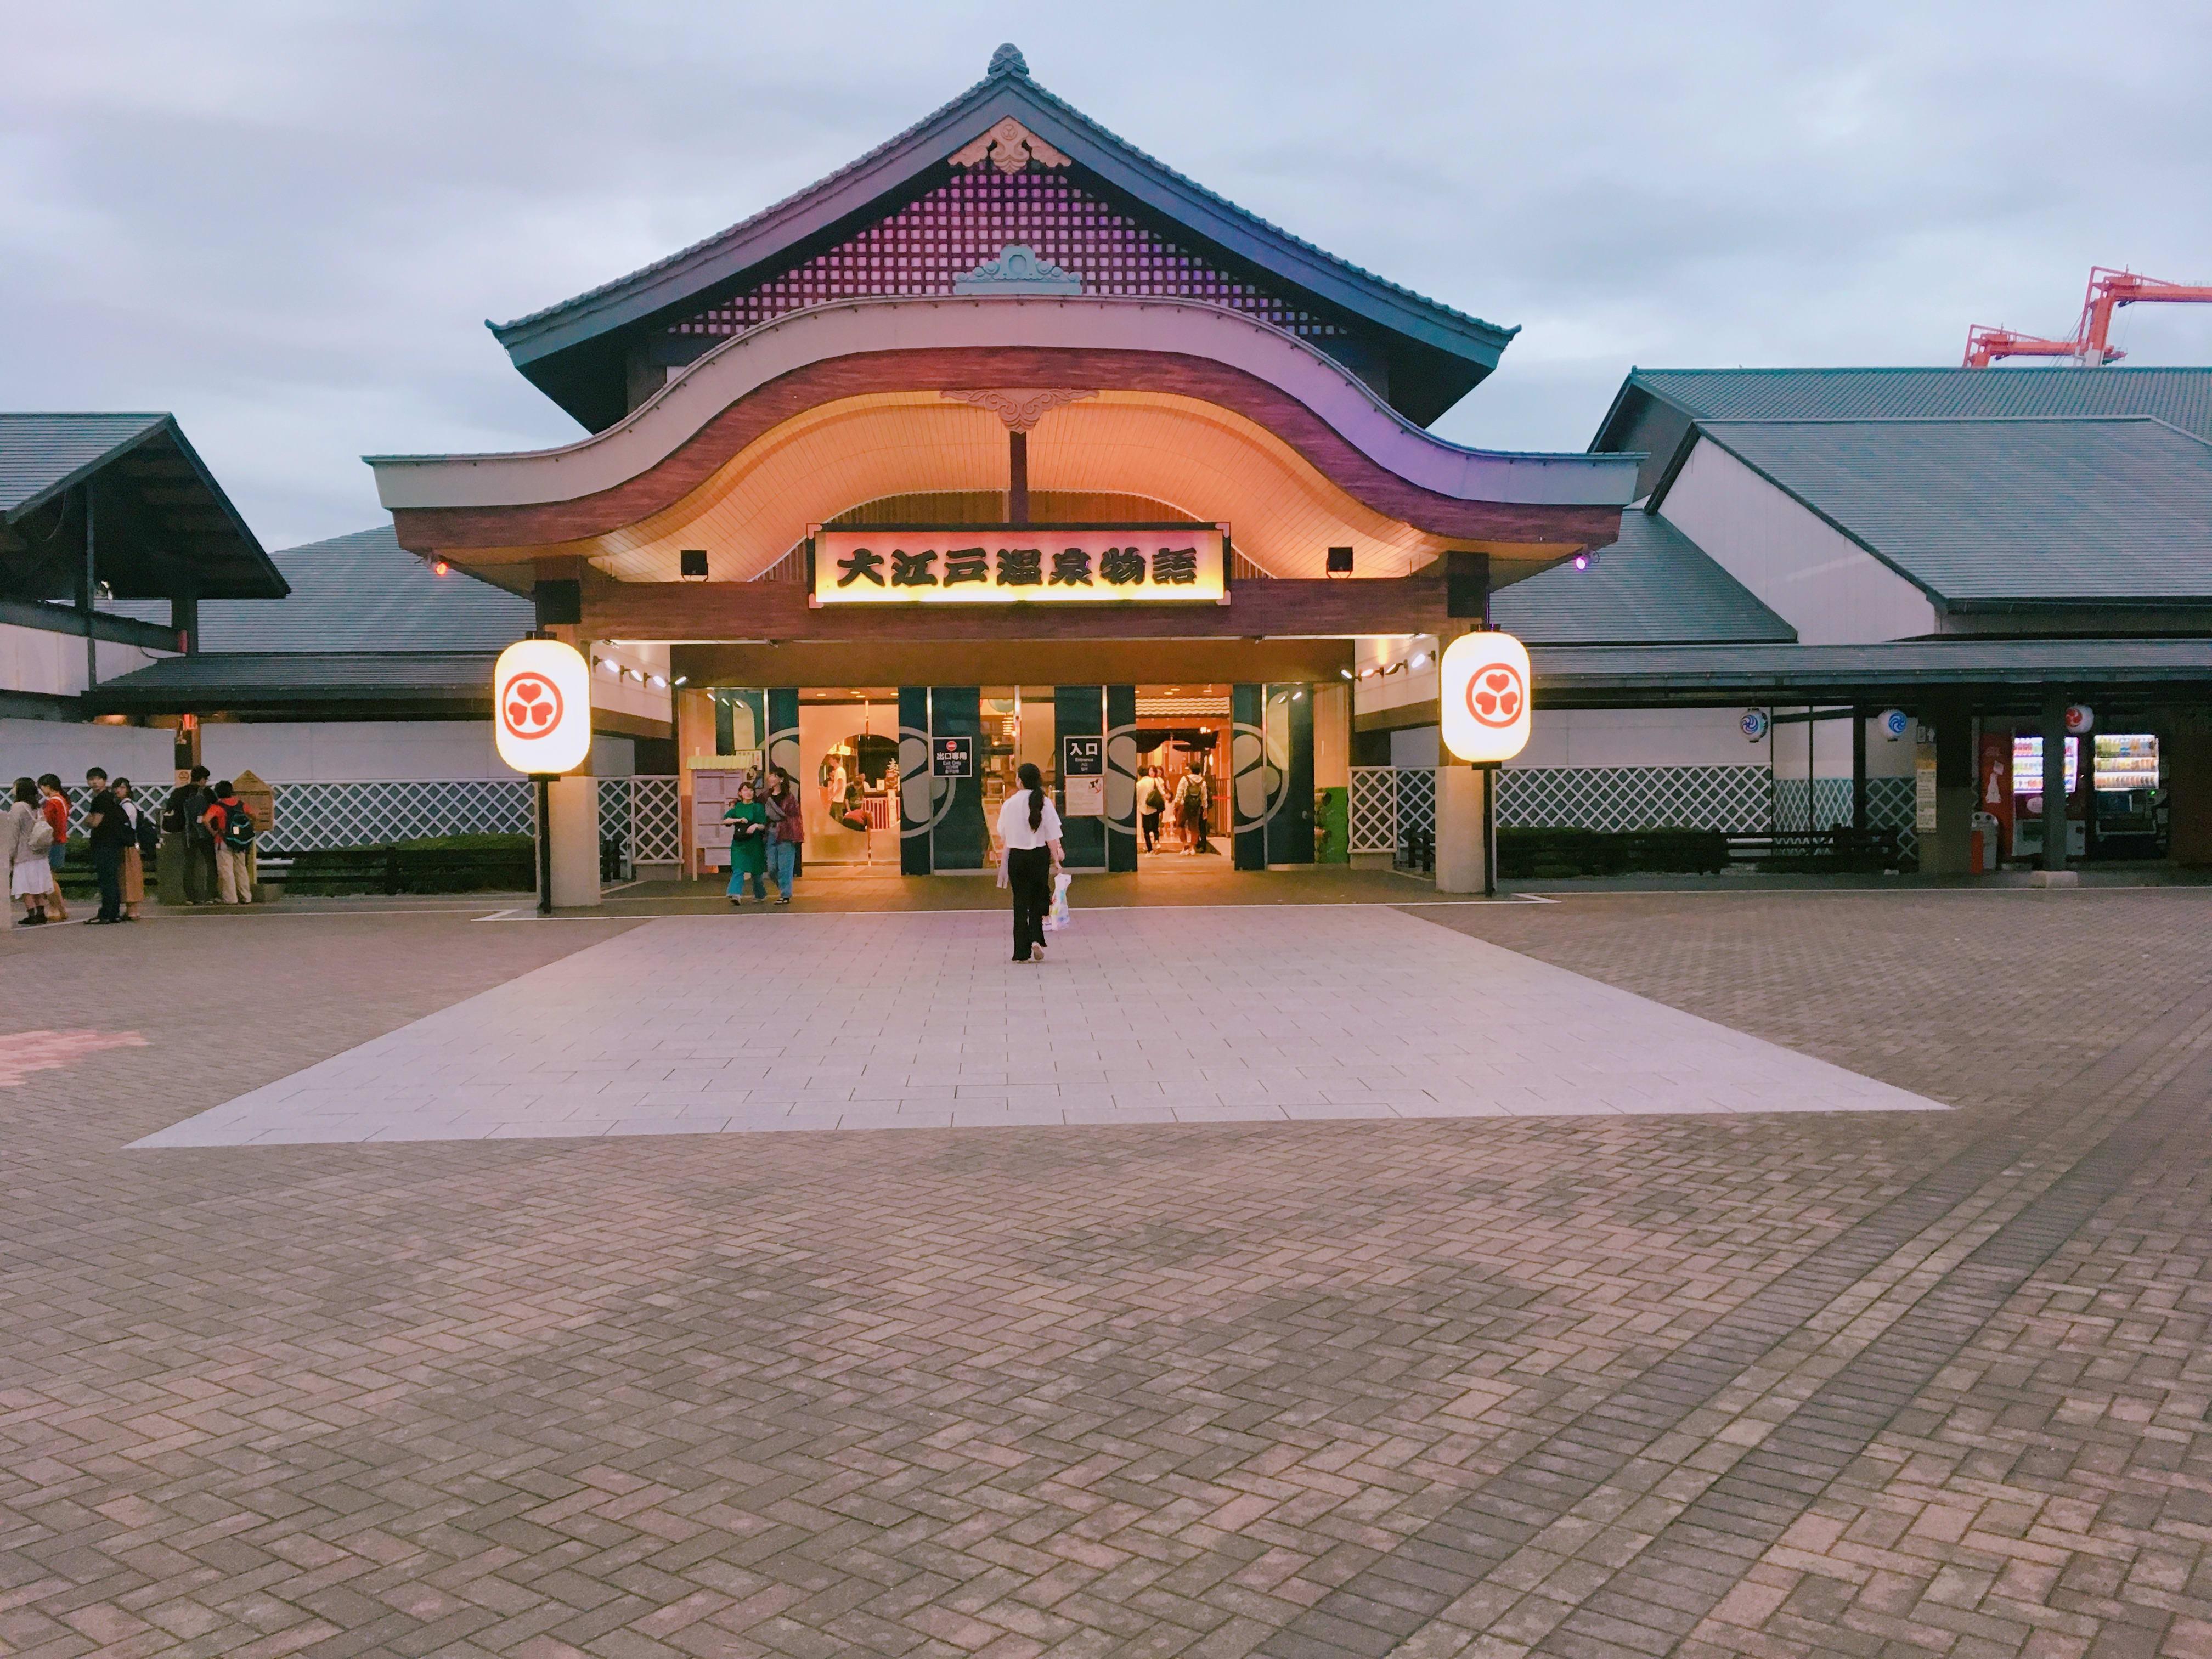 大江戶溫泉物語樂園入口(圖片取自valepra0330)